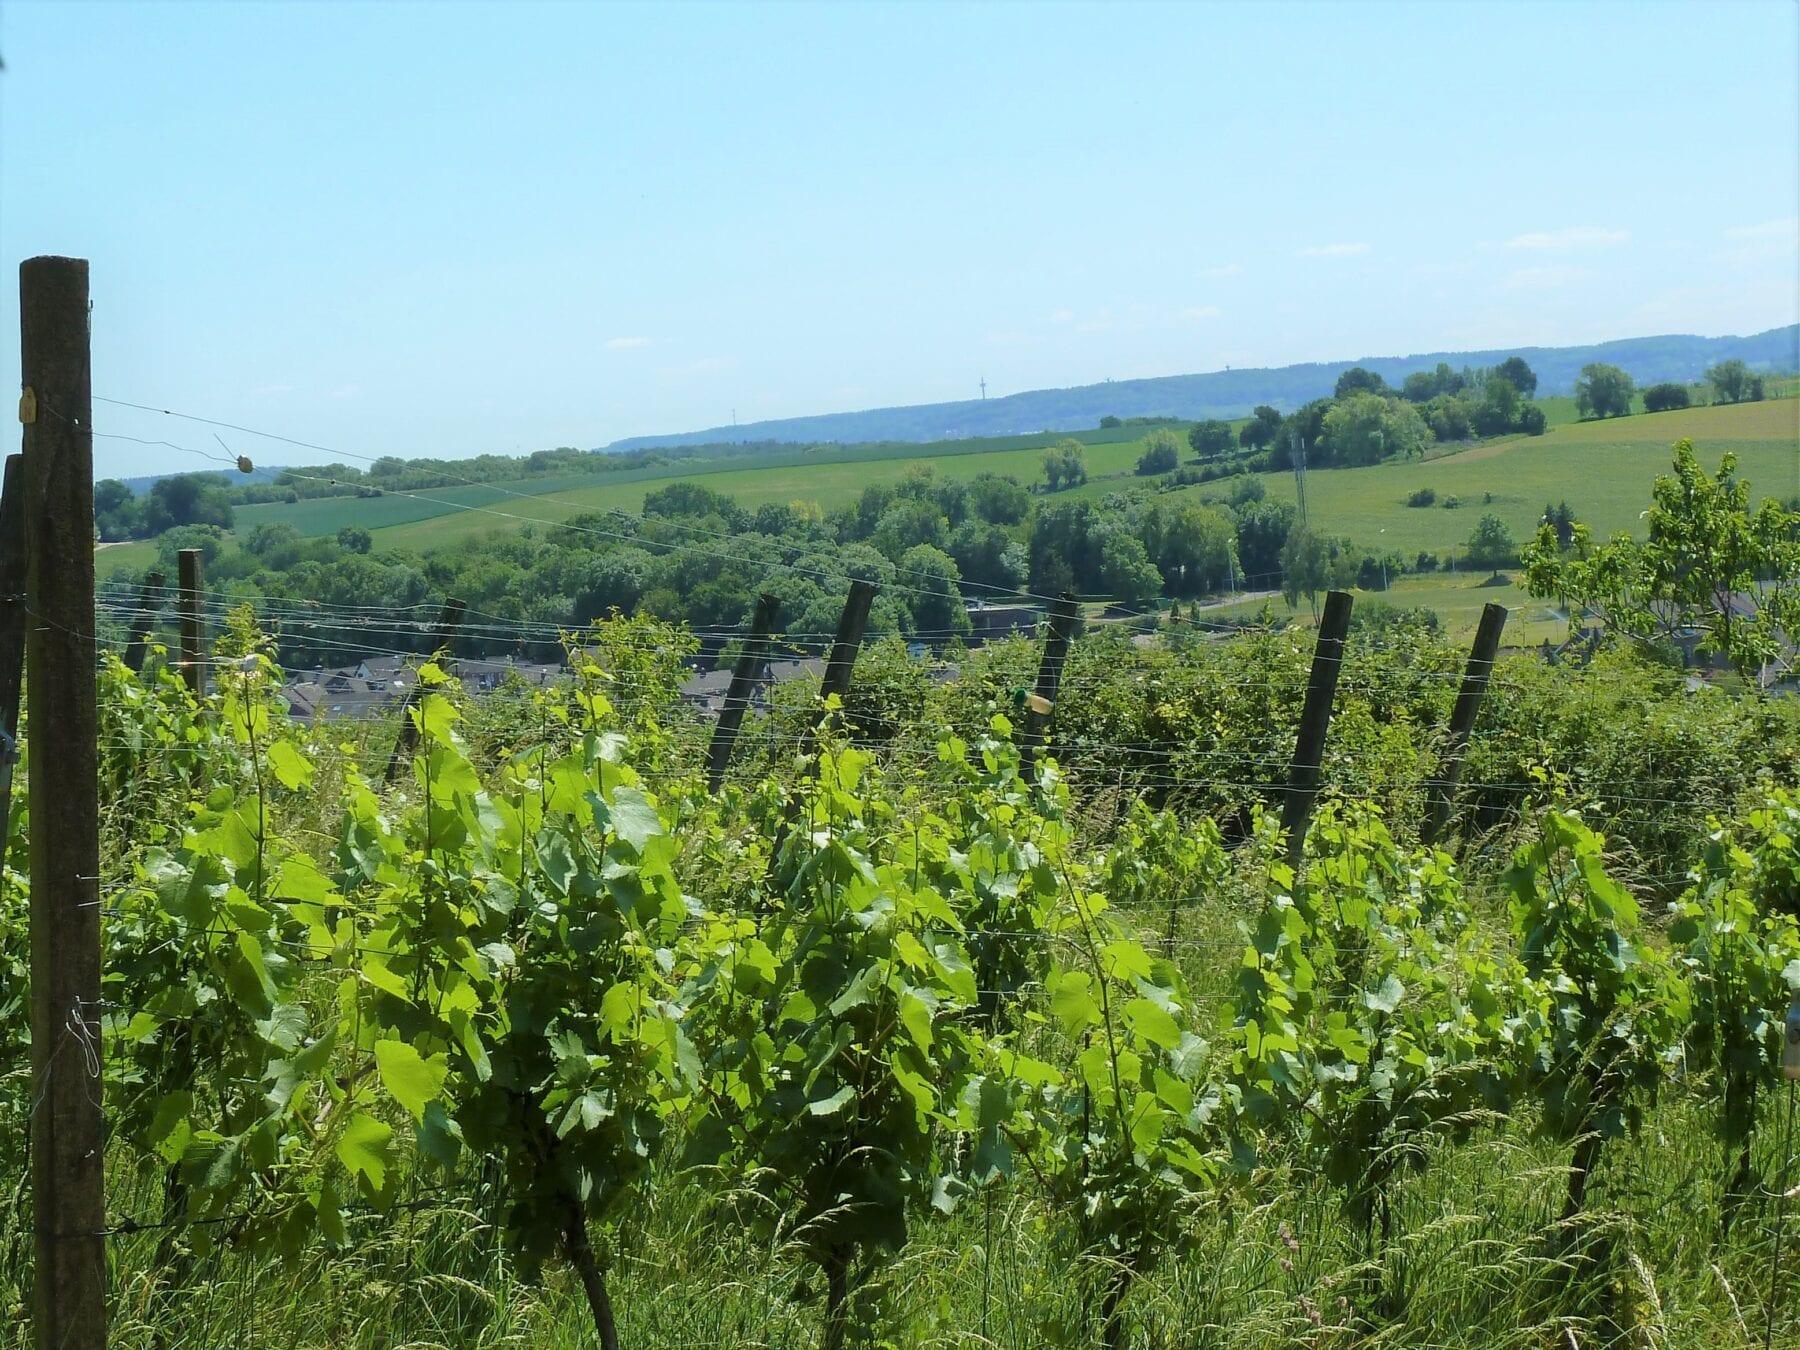 Route des vins Zuid-Limburg wijnranken